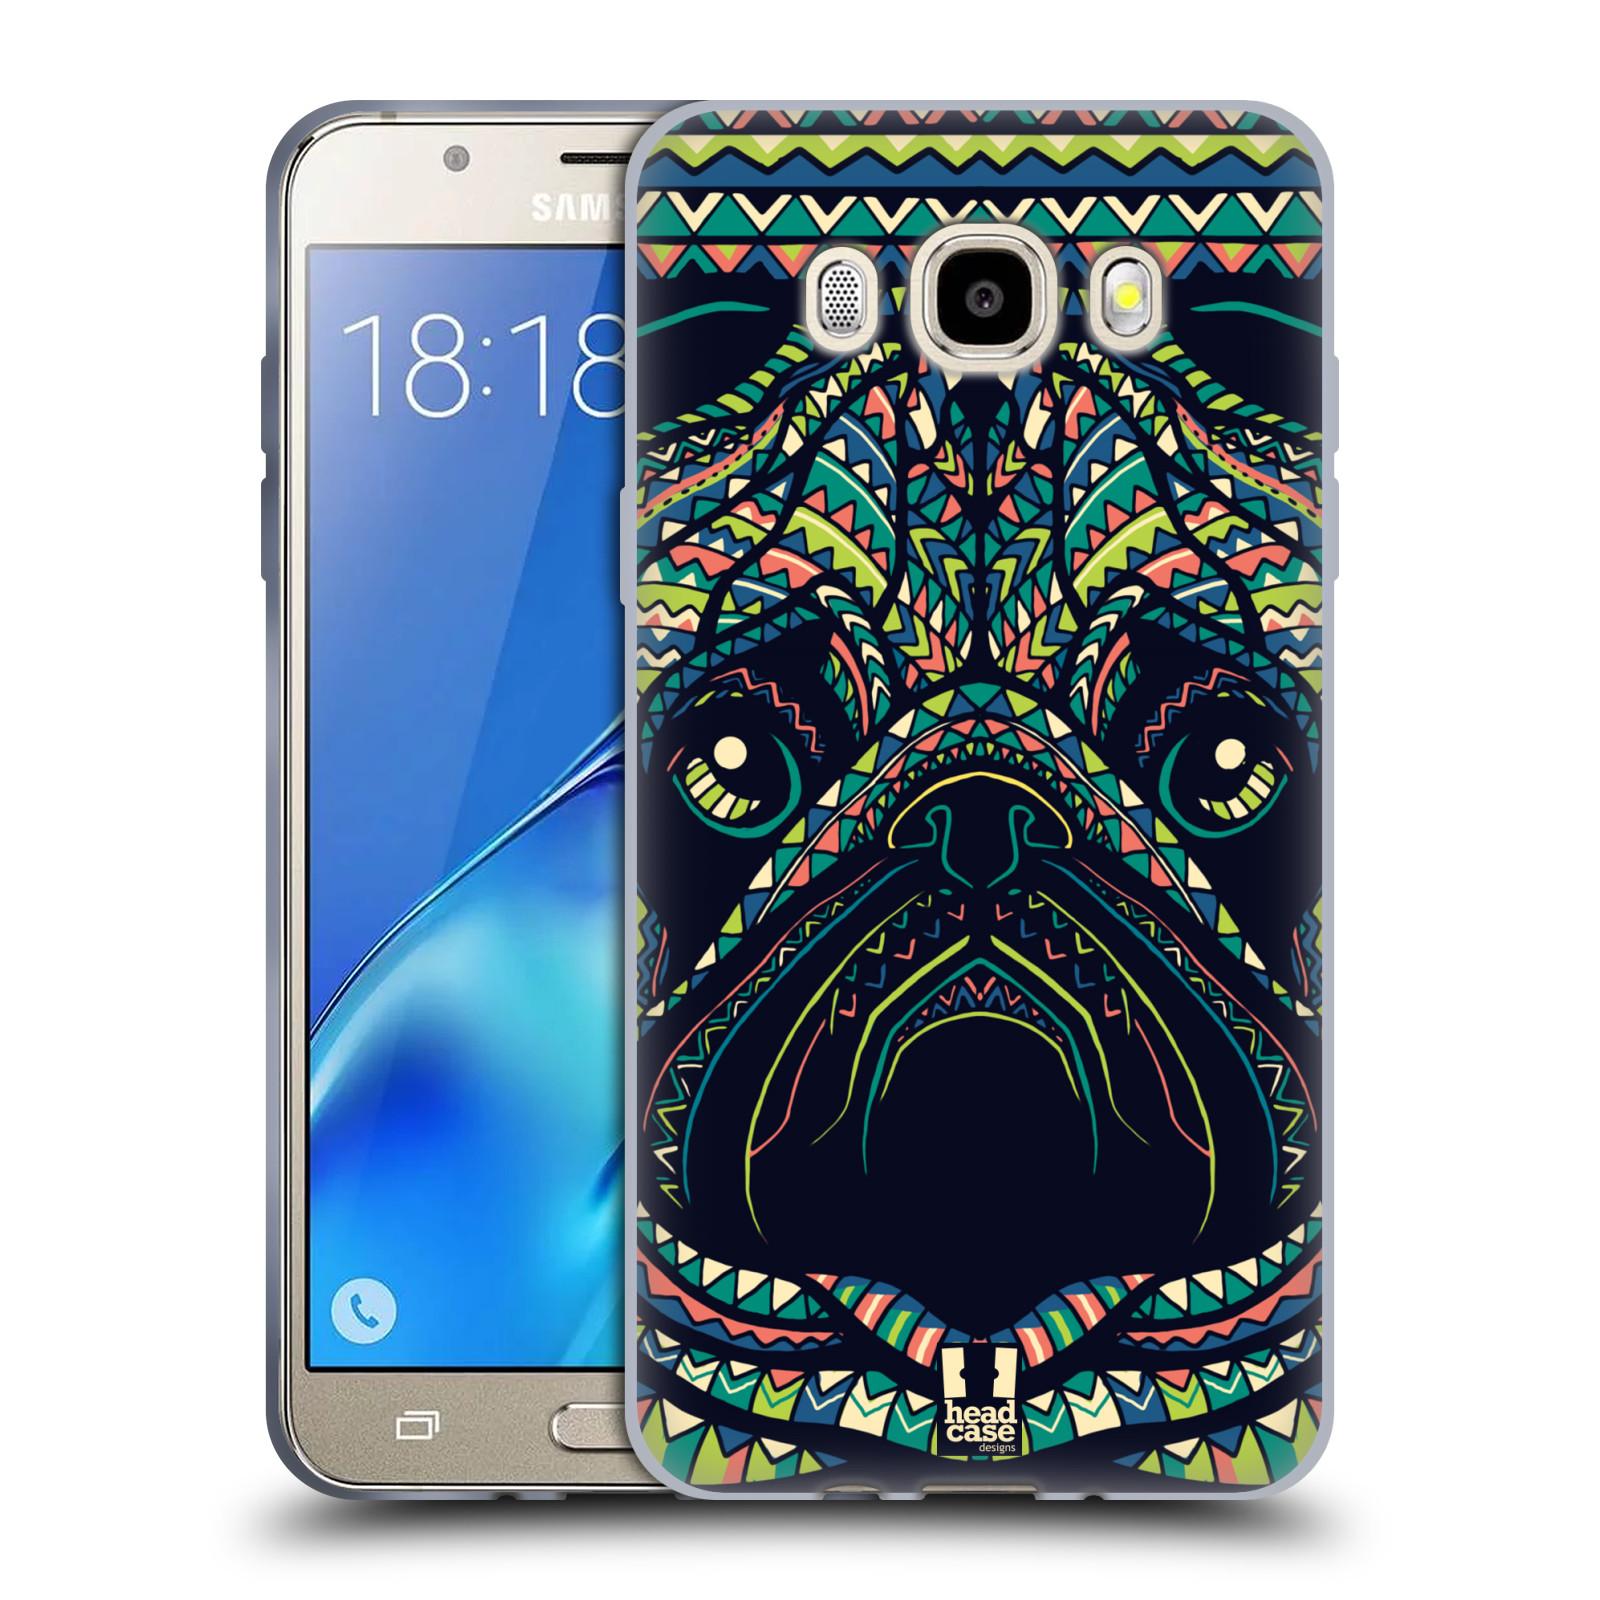 HEAD CASE silikonový obal, kryt na mobil Samsung Galaxy J5 2016, J510, J510F, (J510F DUAL SIM) vzor Aztécký motiv zvíře 3 mopsík